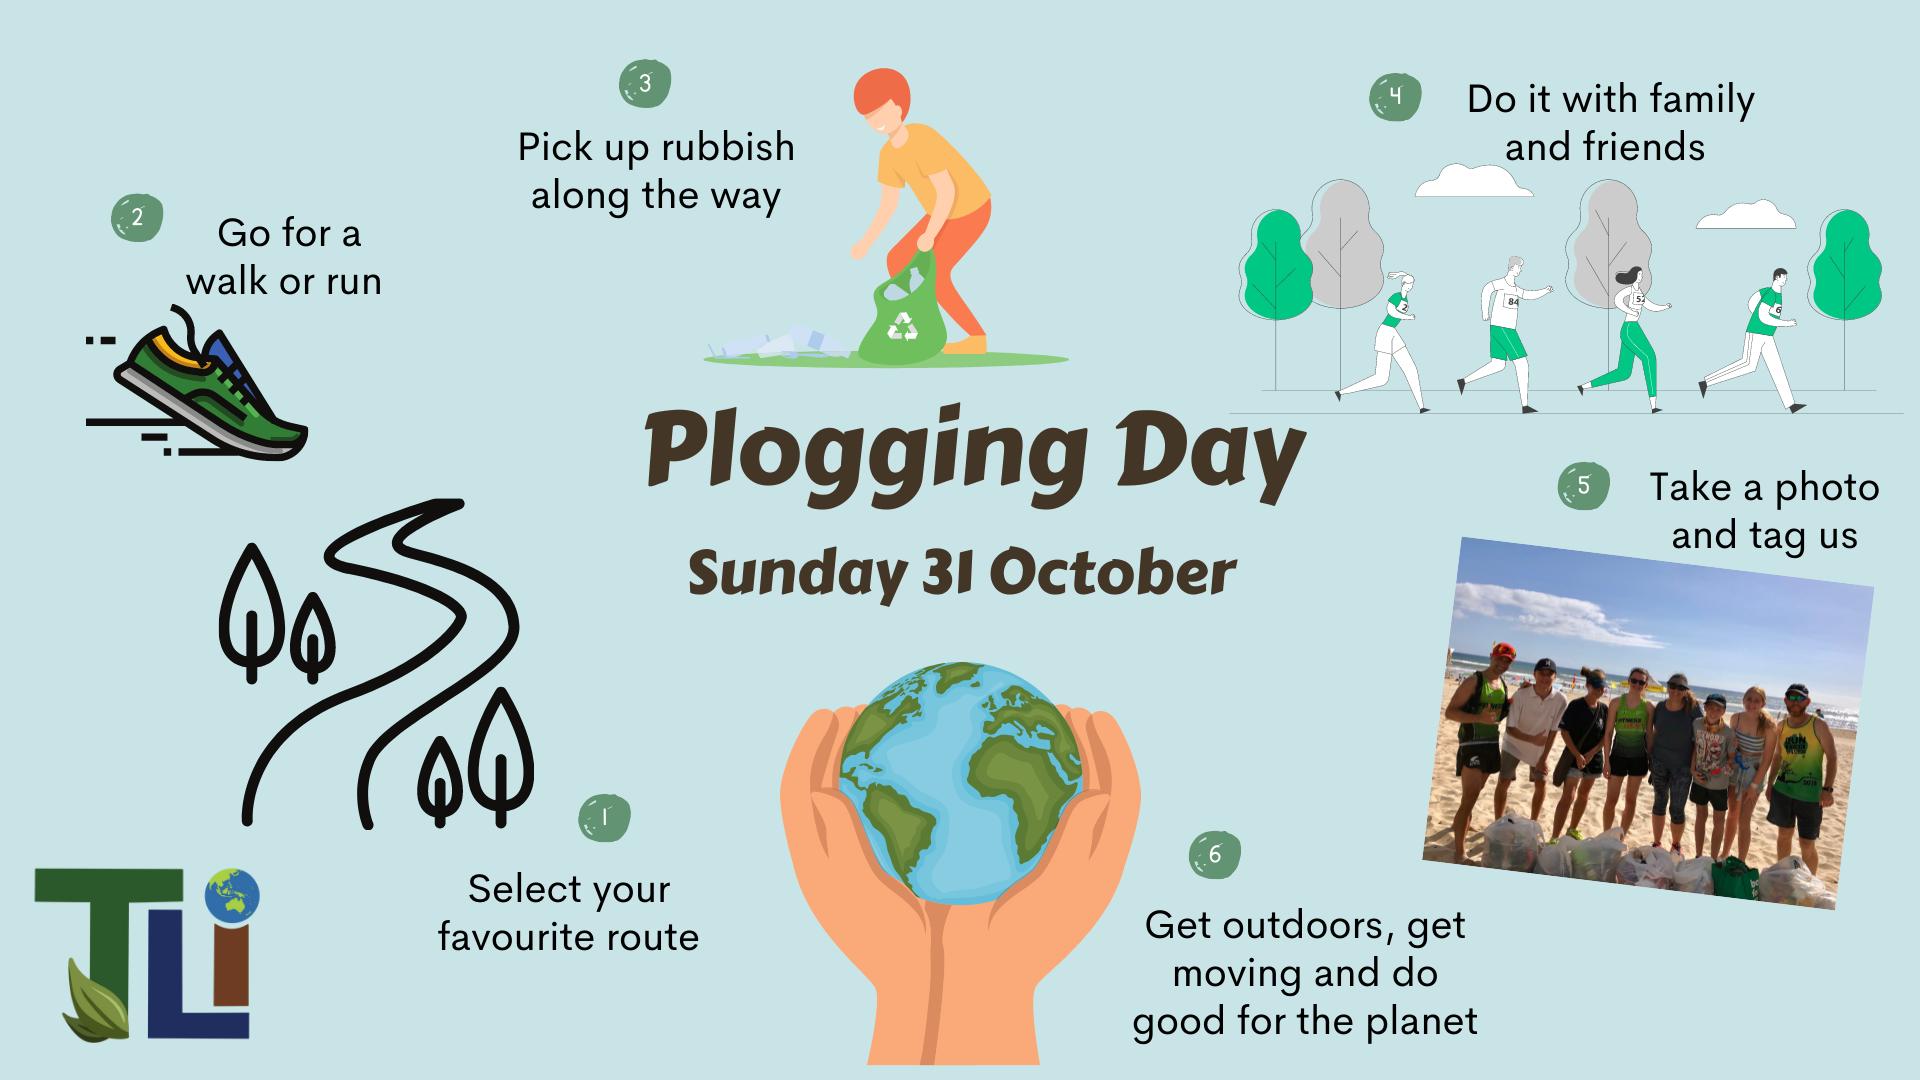 TLI Plogging Day